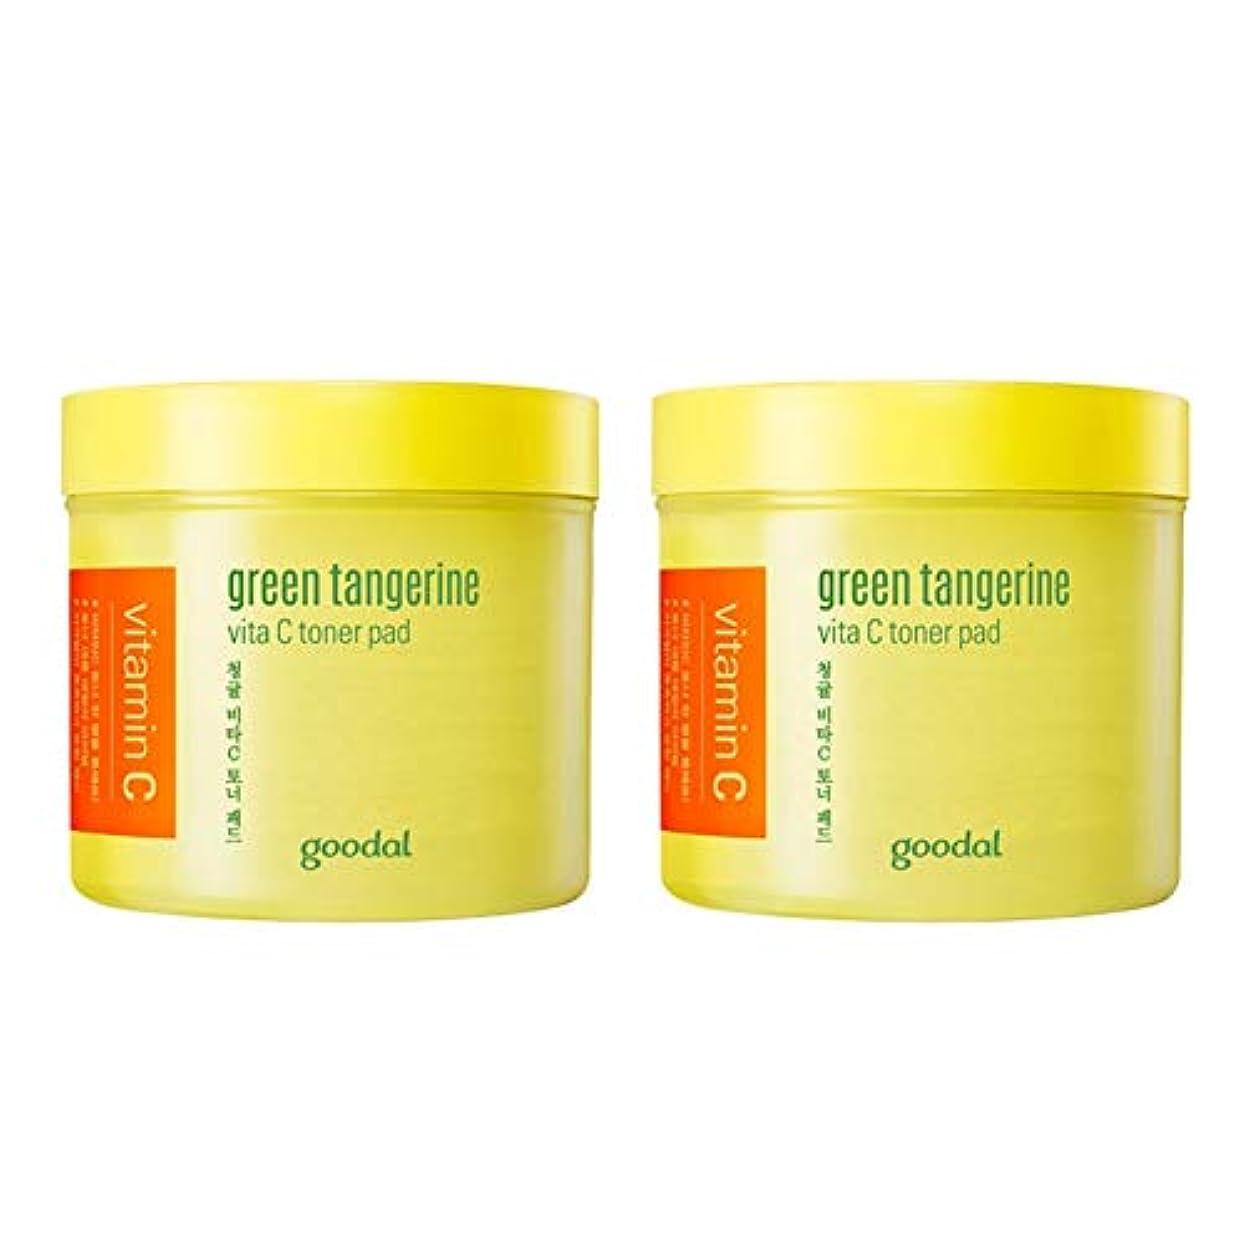 分布に負ける子供時代グドール青みかんヴィータCトナーパッド70px2本セット質除去、水分供給 韓国コスメ 、Goodal Green Tangerine Vita C Toner Pad 70p x 2ea Set Korean Cosmetics...